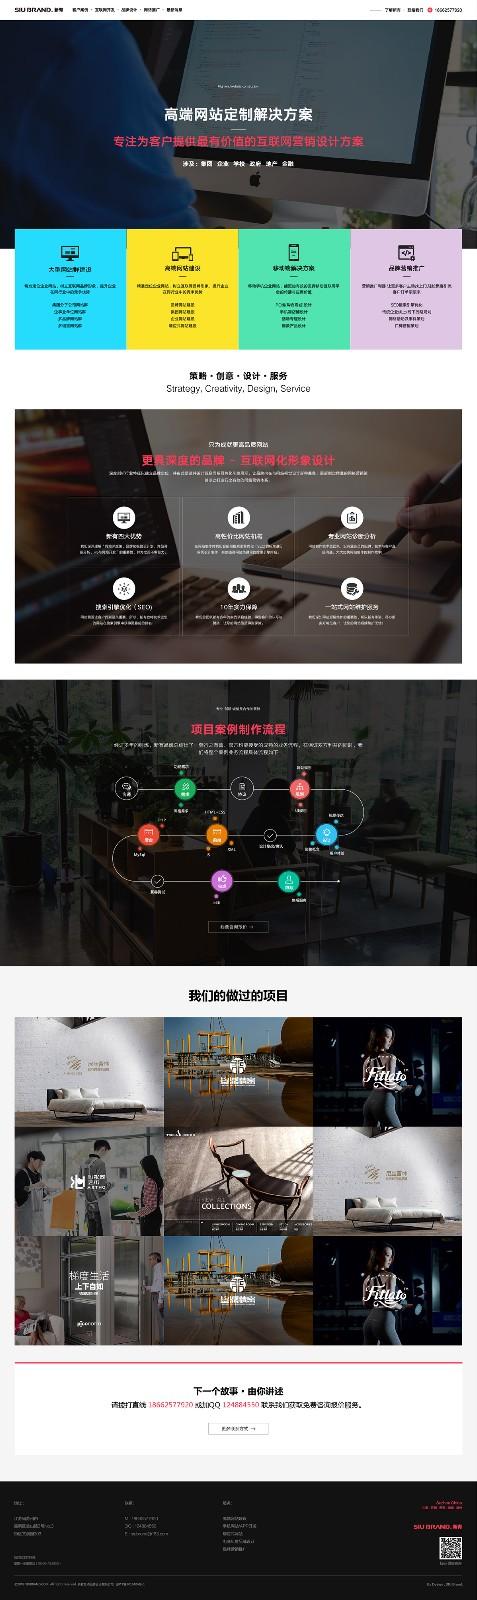 苏州集团网站制作专业定制 正宗苏州企业品牌设计中心重磅优惠来袭